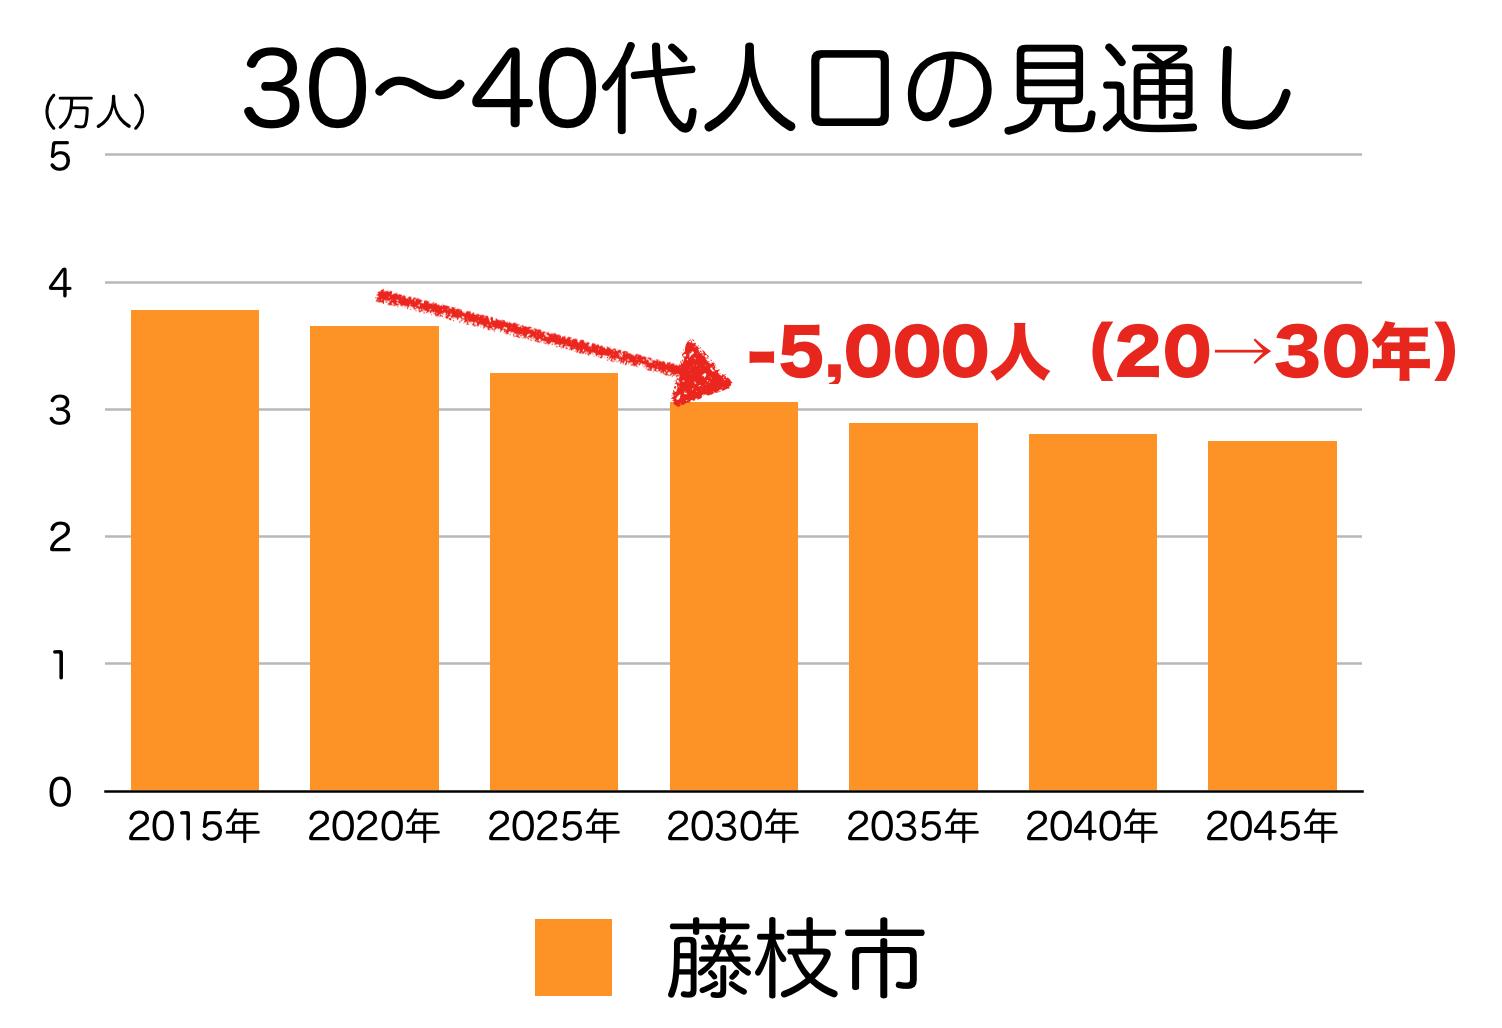 藤枝市の30〜40代人口の予測